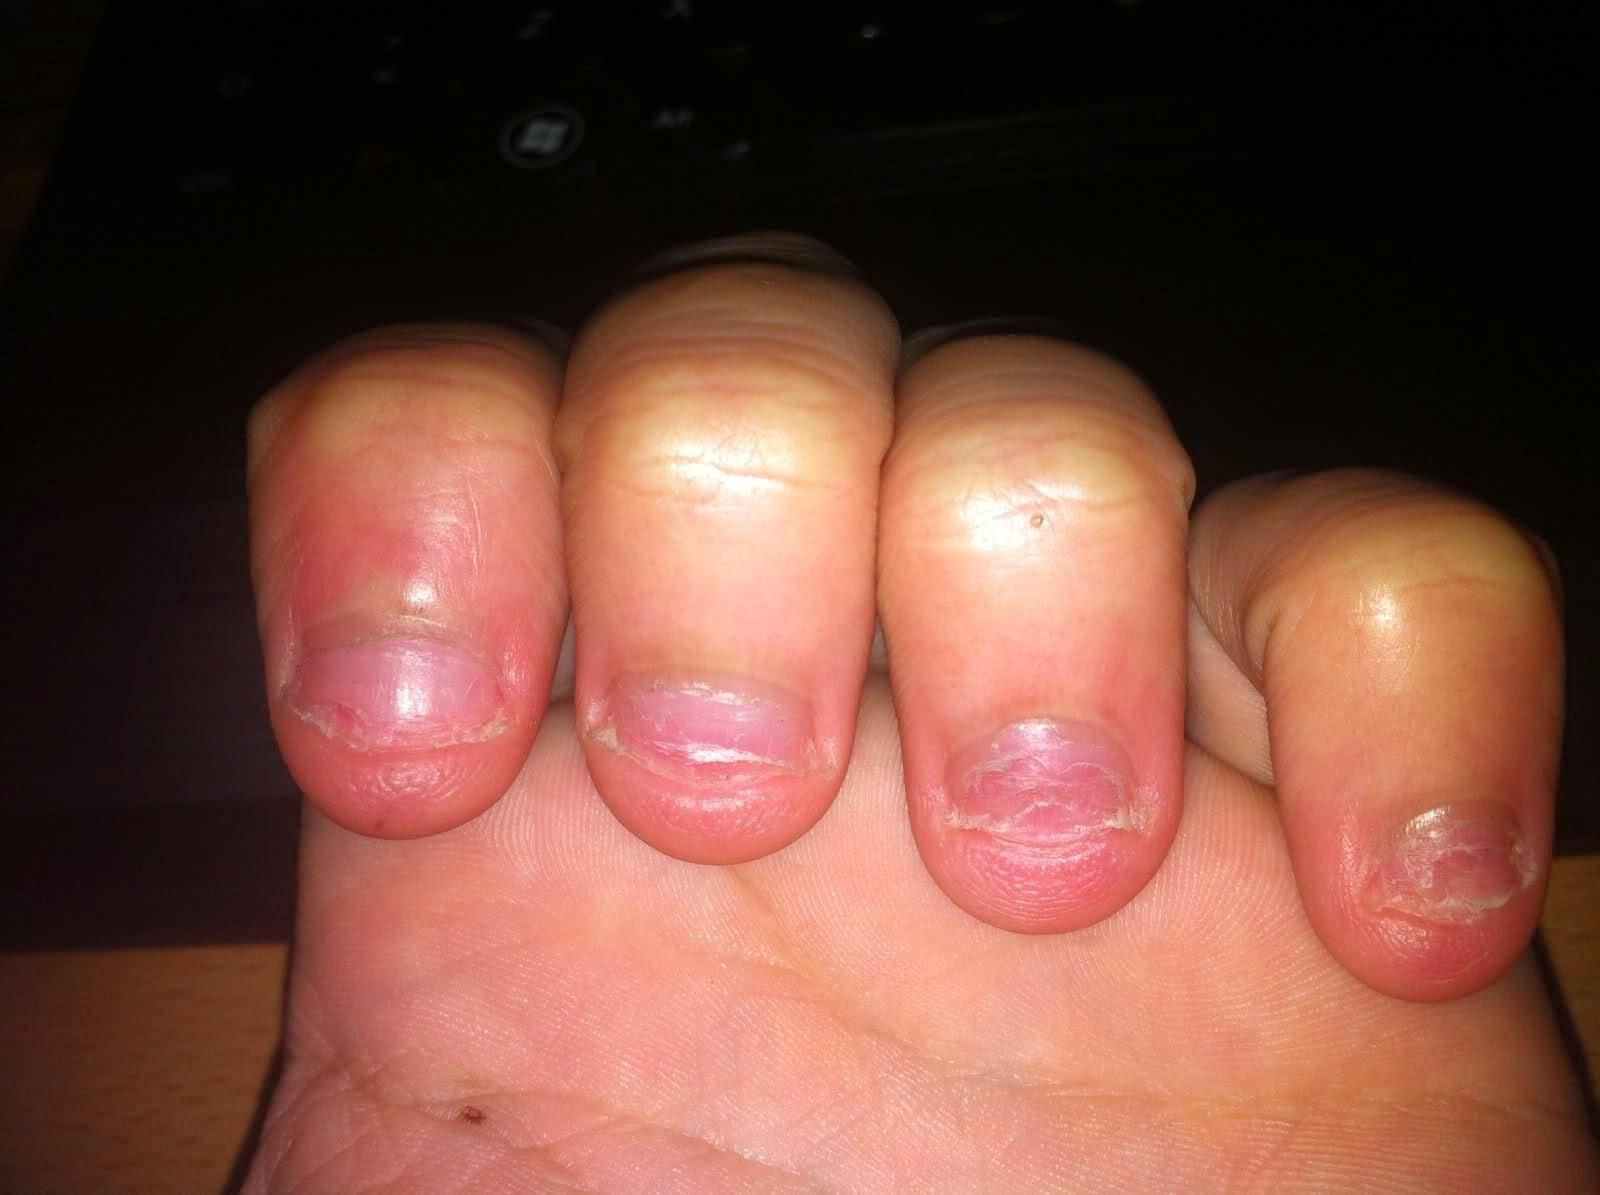 El hongo de las uñas sobre todos los dedos